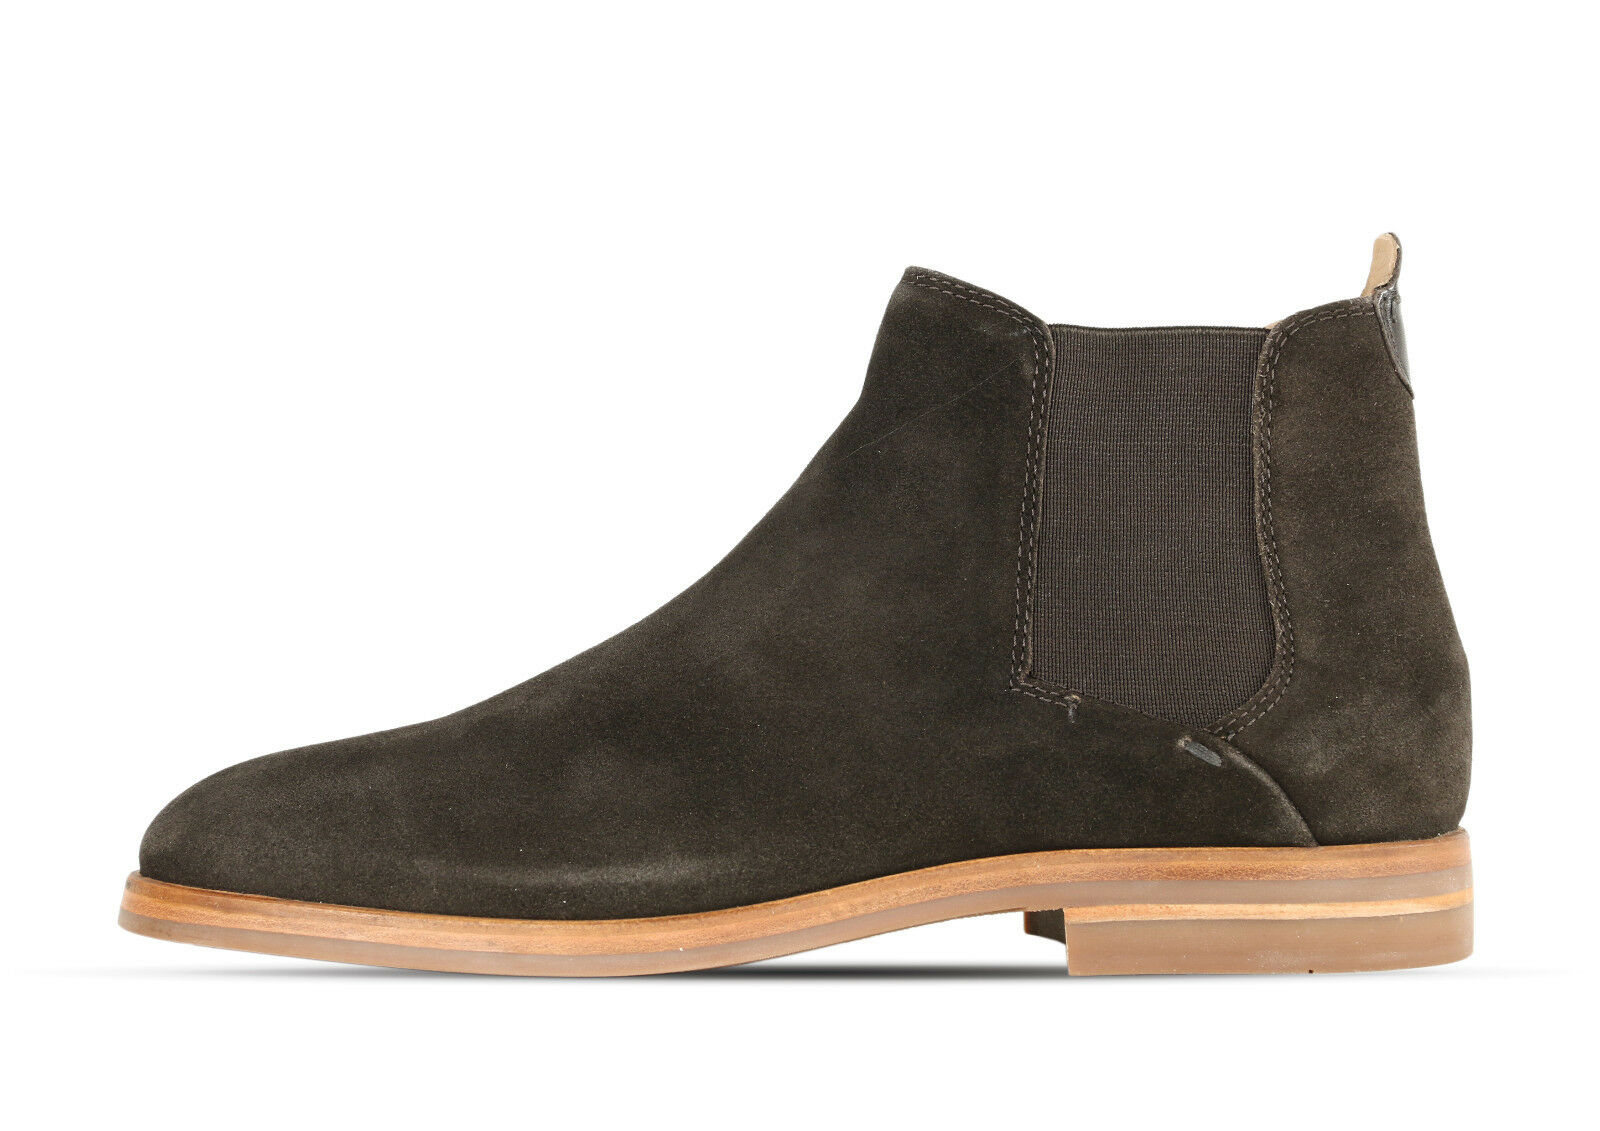 Hudson Tonti Suede marrón z504205-marrón-caballeros-cuero + nuevo +